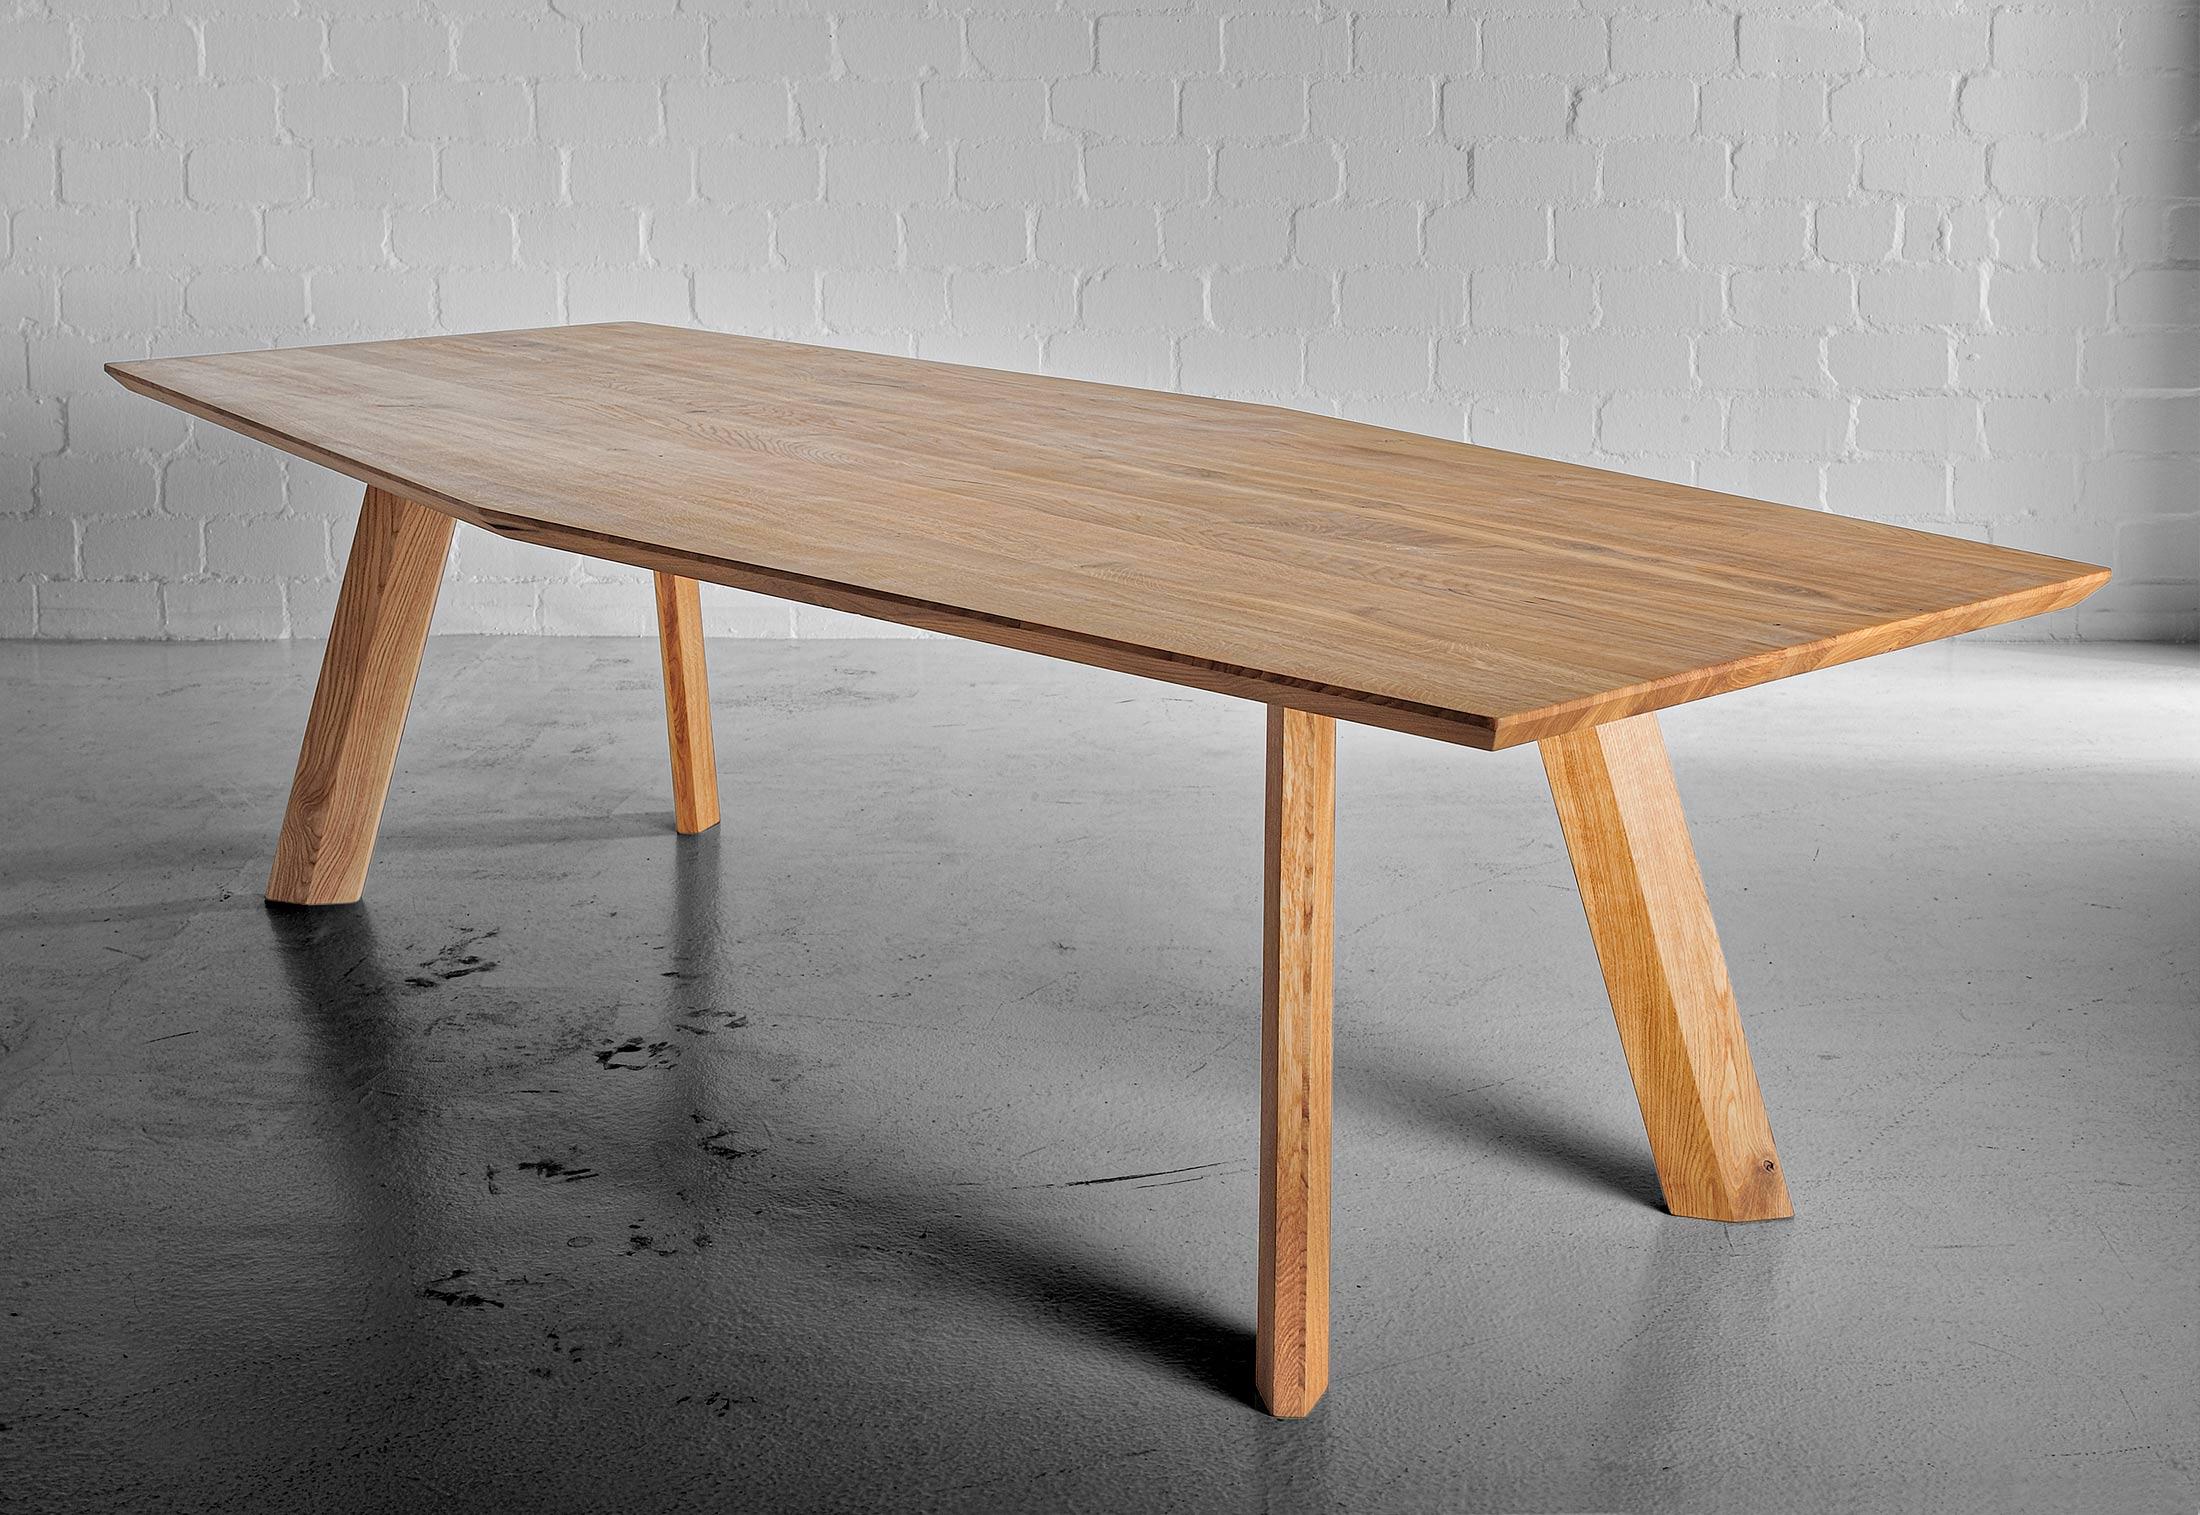 Rhombi tisch von vitamin design stylepark for Tisch vitamin design